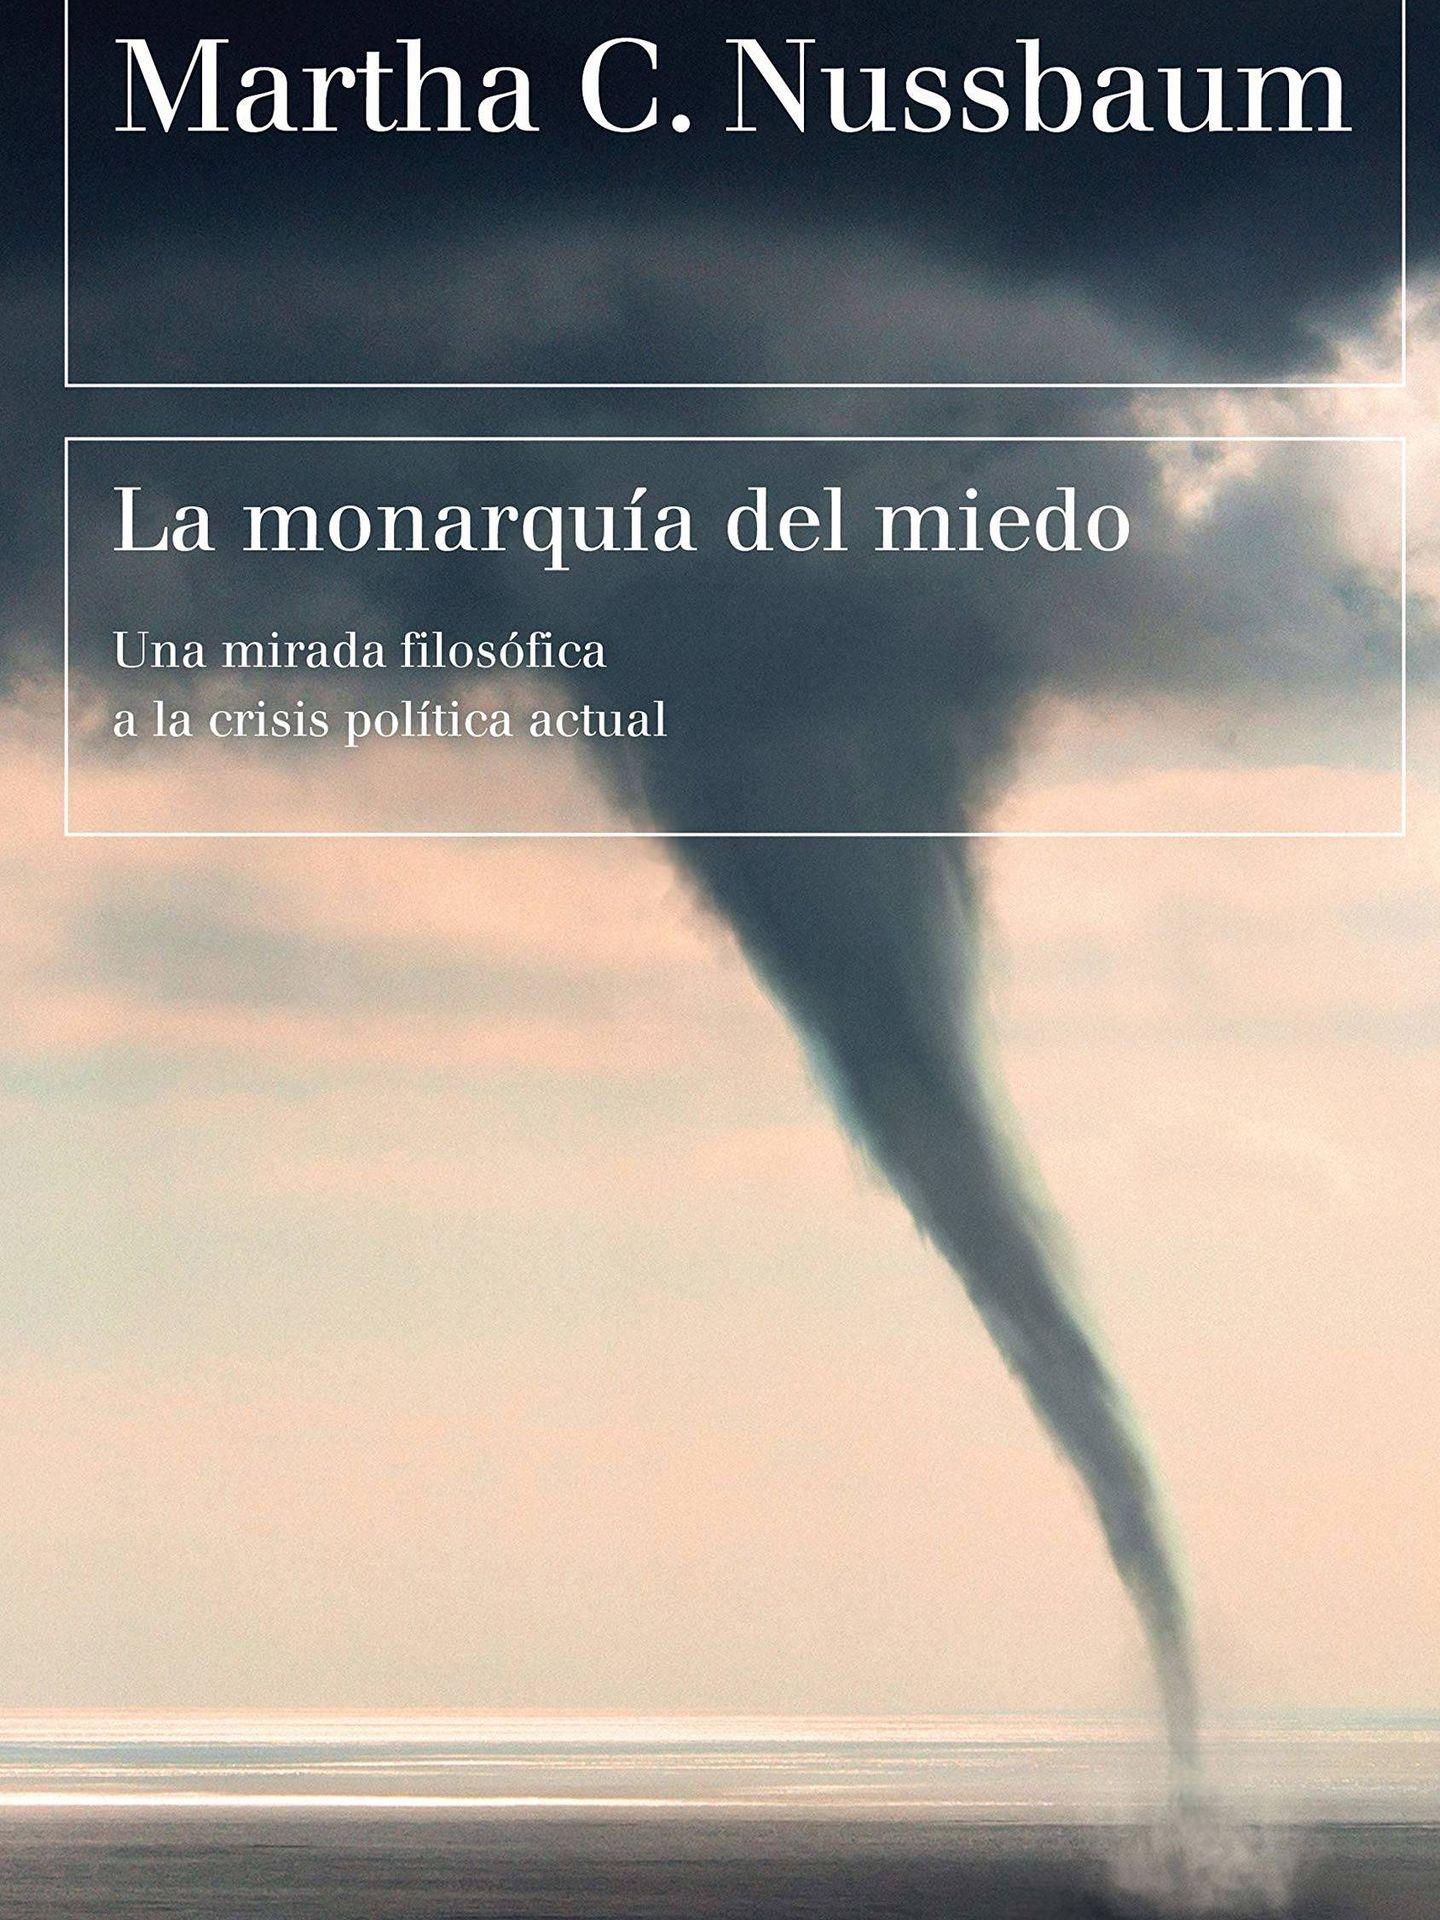 'La monarquía del miedo' (Paidós).